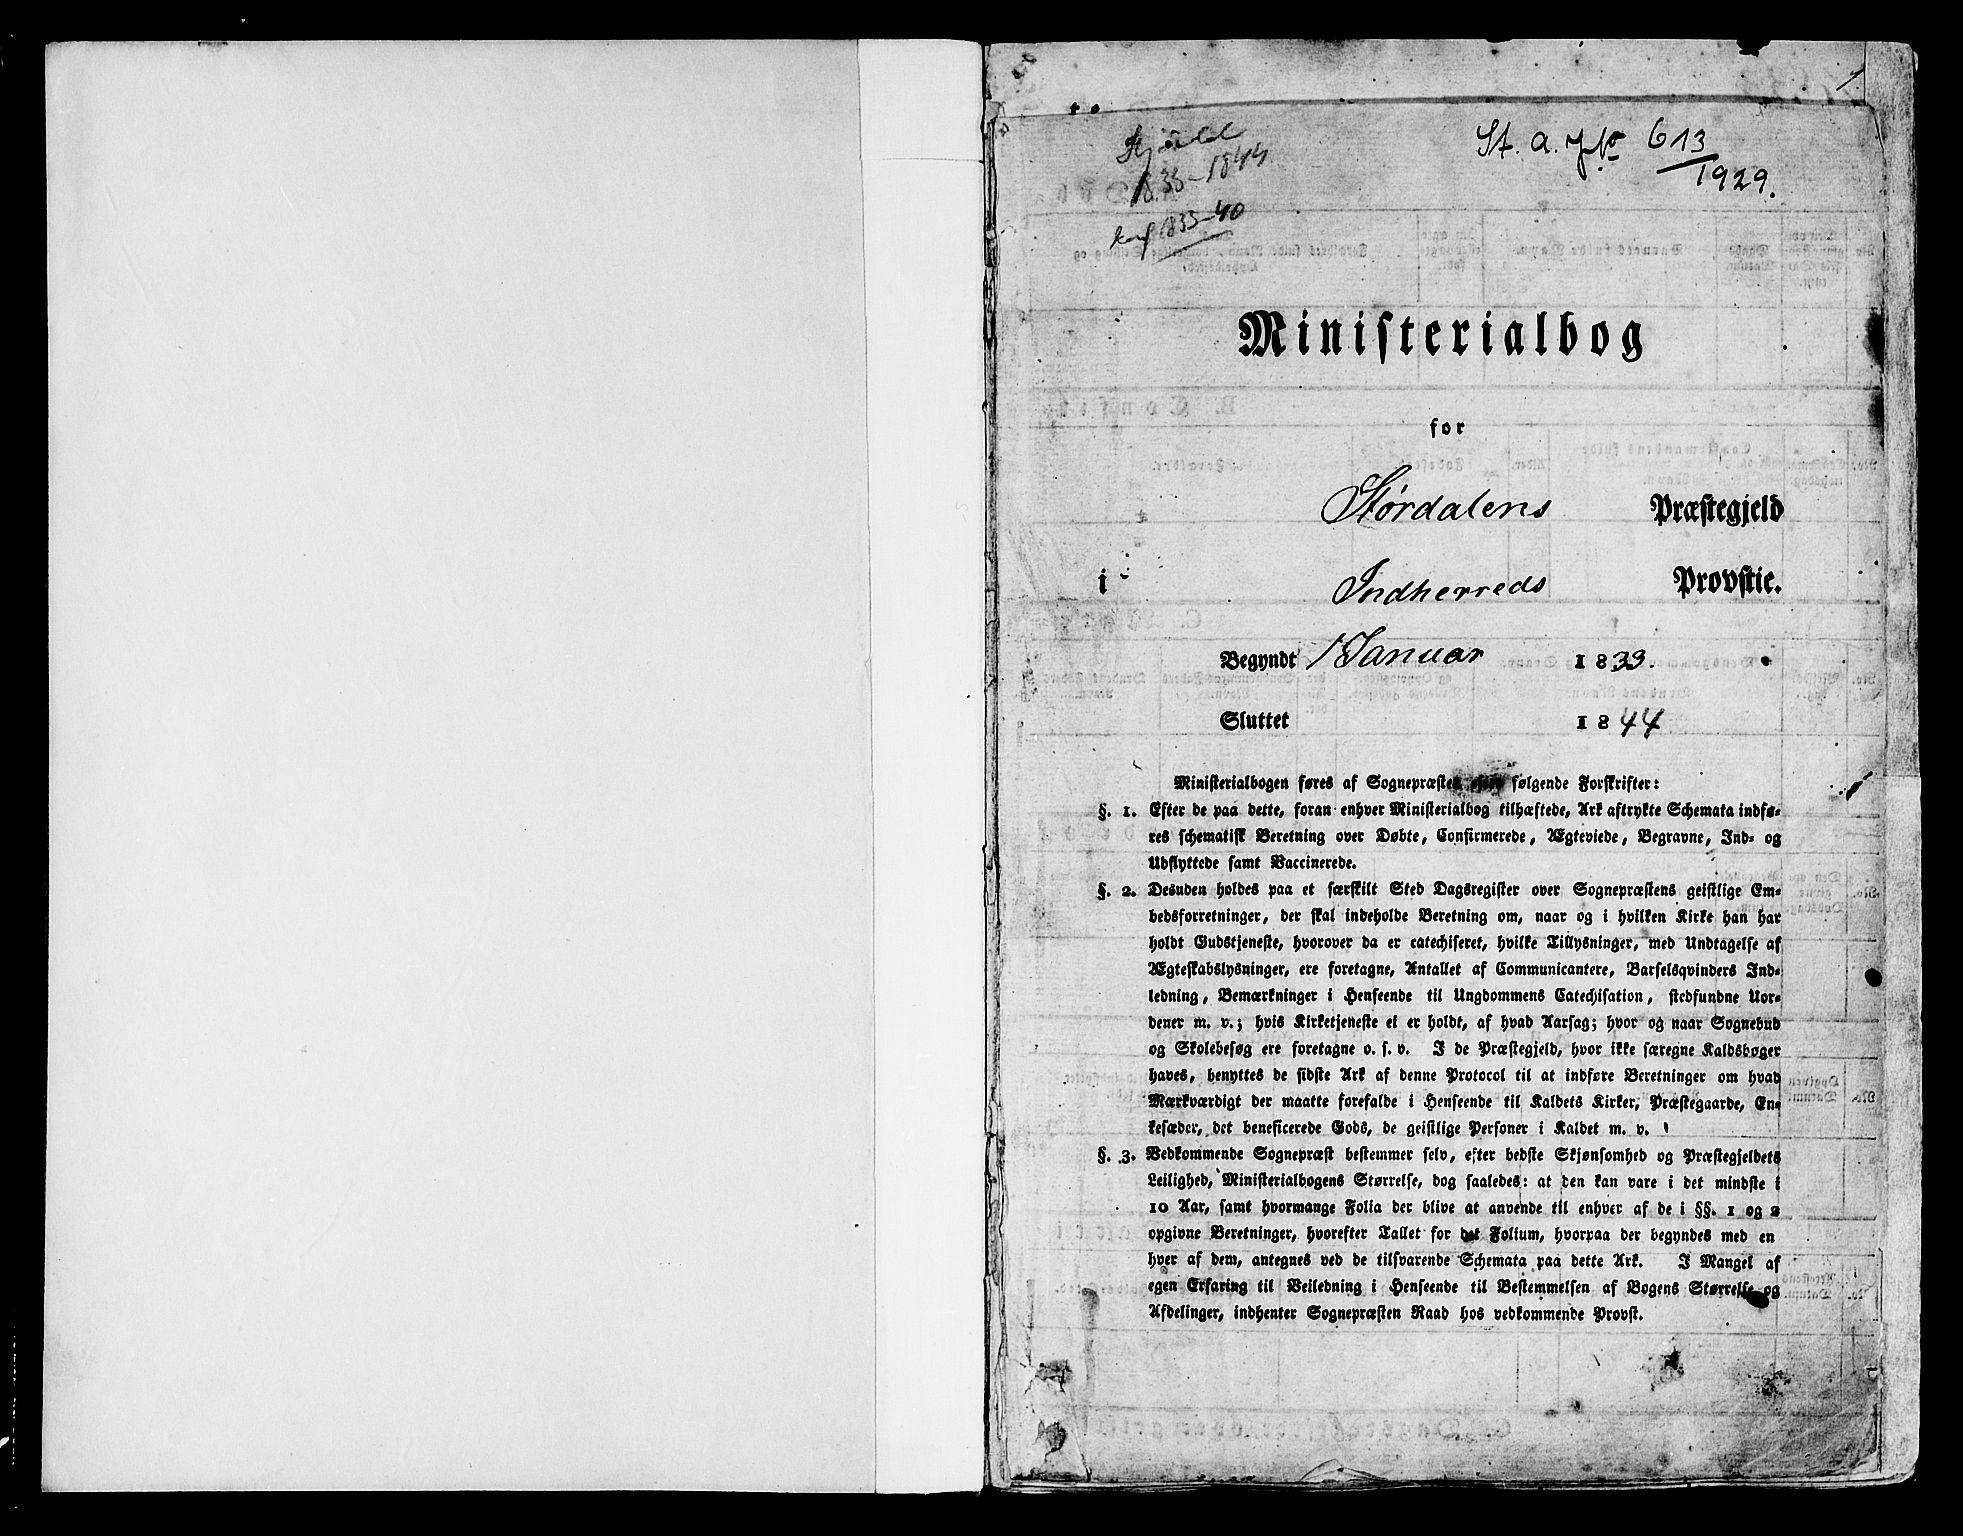 SAT, Ministerialprotokoller, klokkerbøker og fødselsregistre - Nord-Trøndelag, 709/L0071: Ministerialbok nr. 709A11, 1833-1844